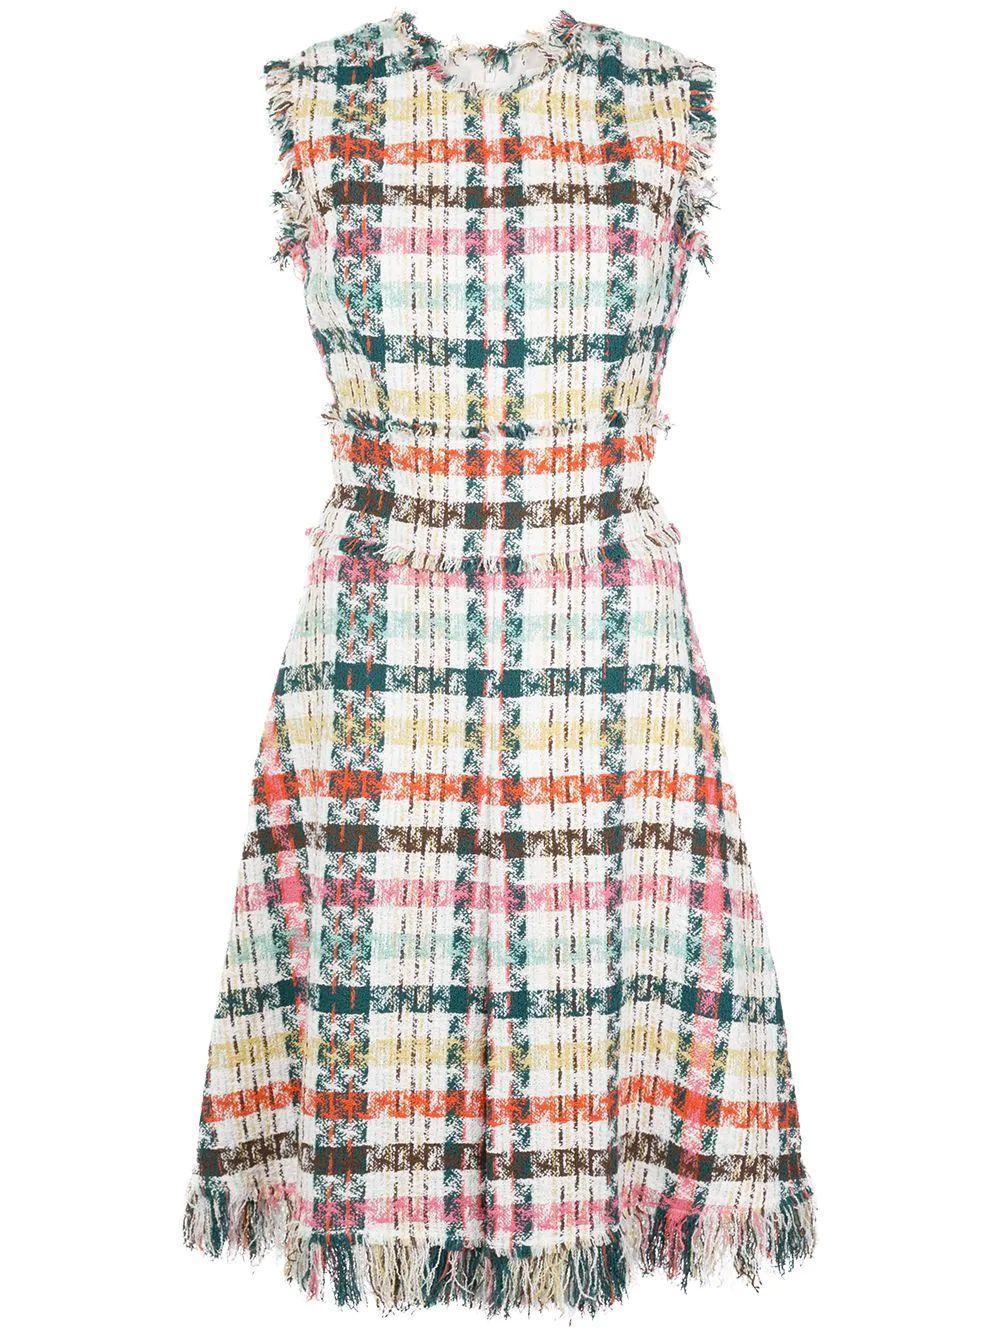 Sleeve Less Plaid Day Dress With Fringe Hem